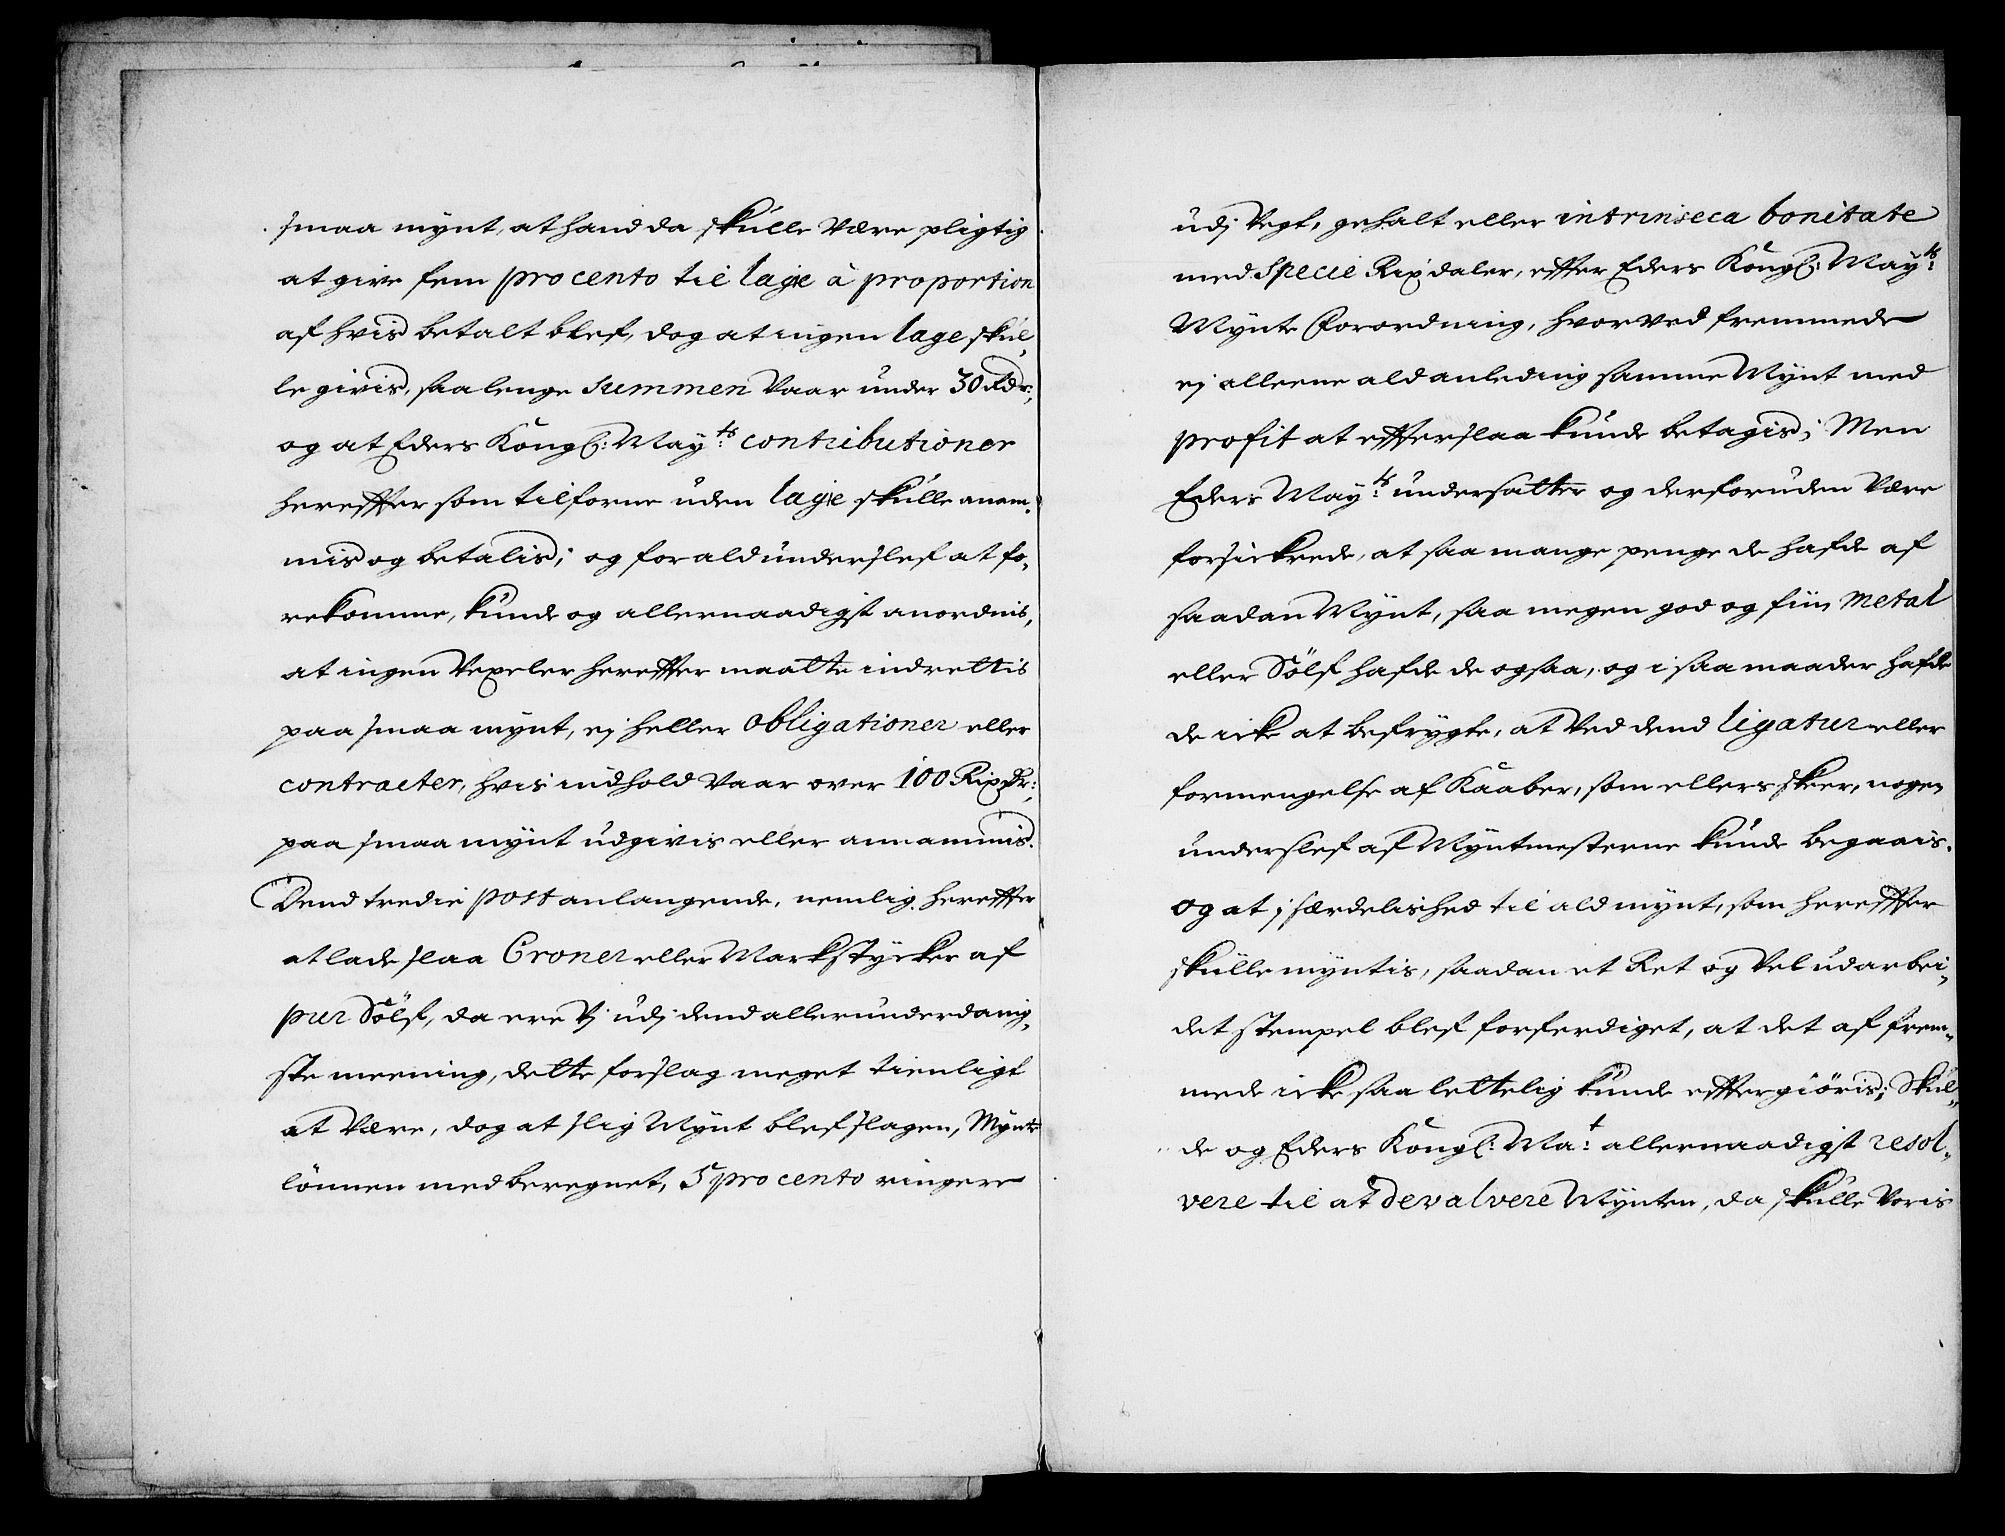 RA, Danske Kanselli, Skapsaker, G/L0019: Tillegg til skapsakene, 1616-1753, p. 339